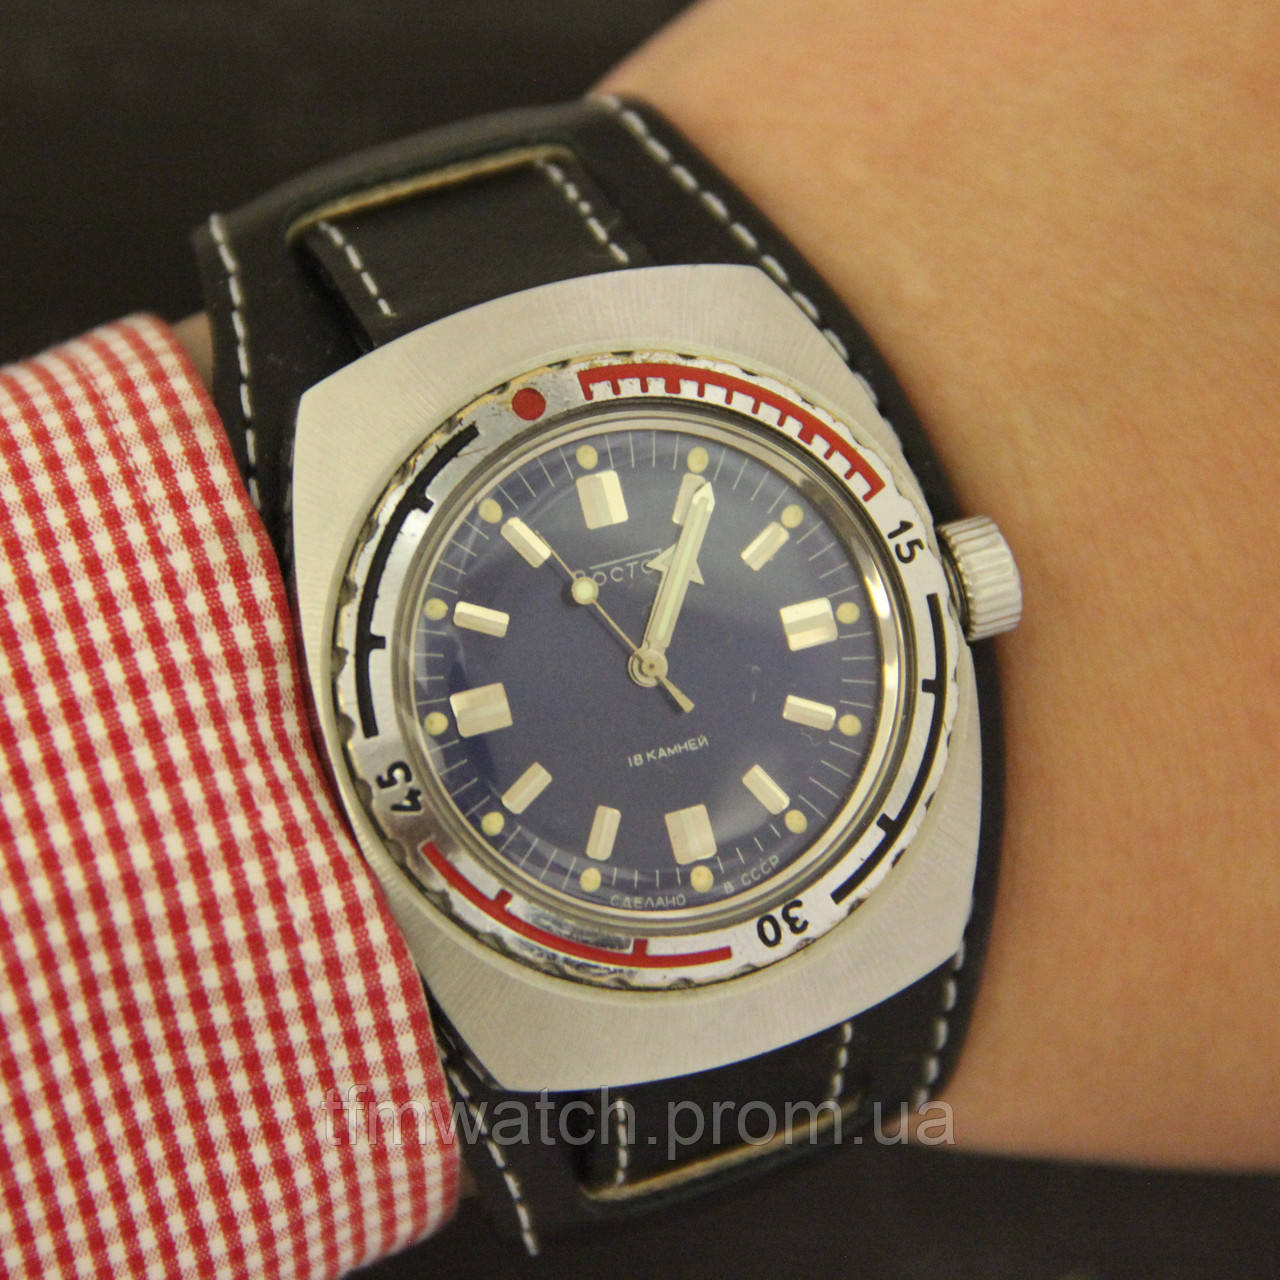 Купить часы ссср амфибия часы в подарок женщине приметы отзывы